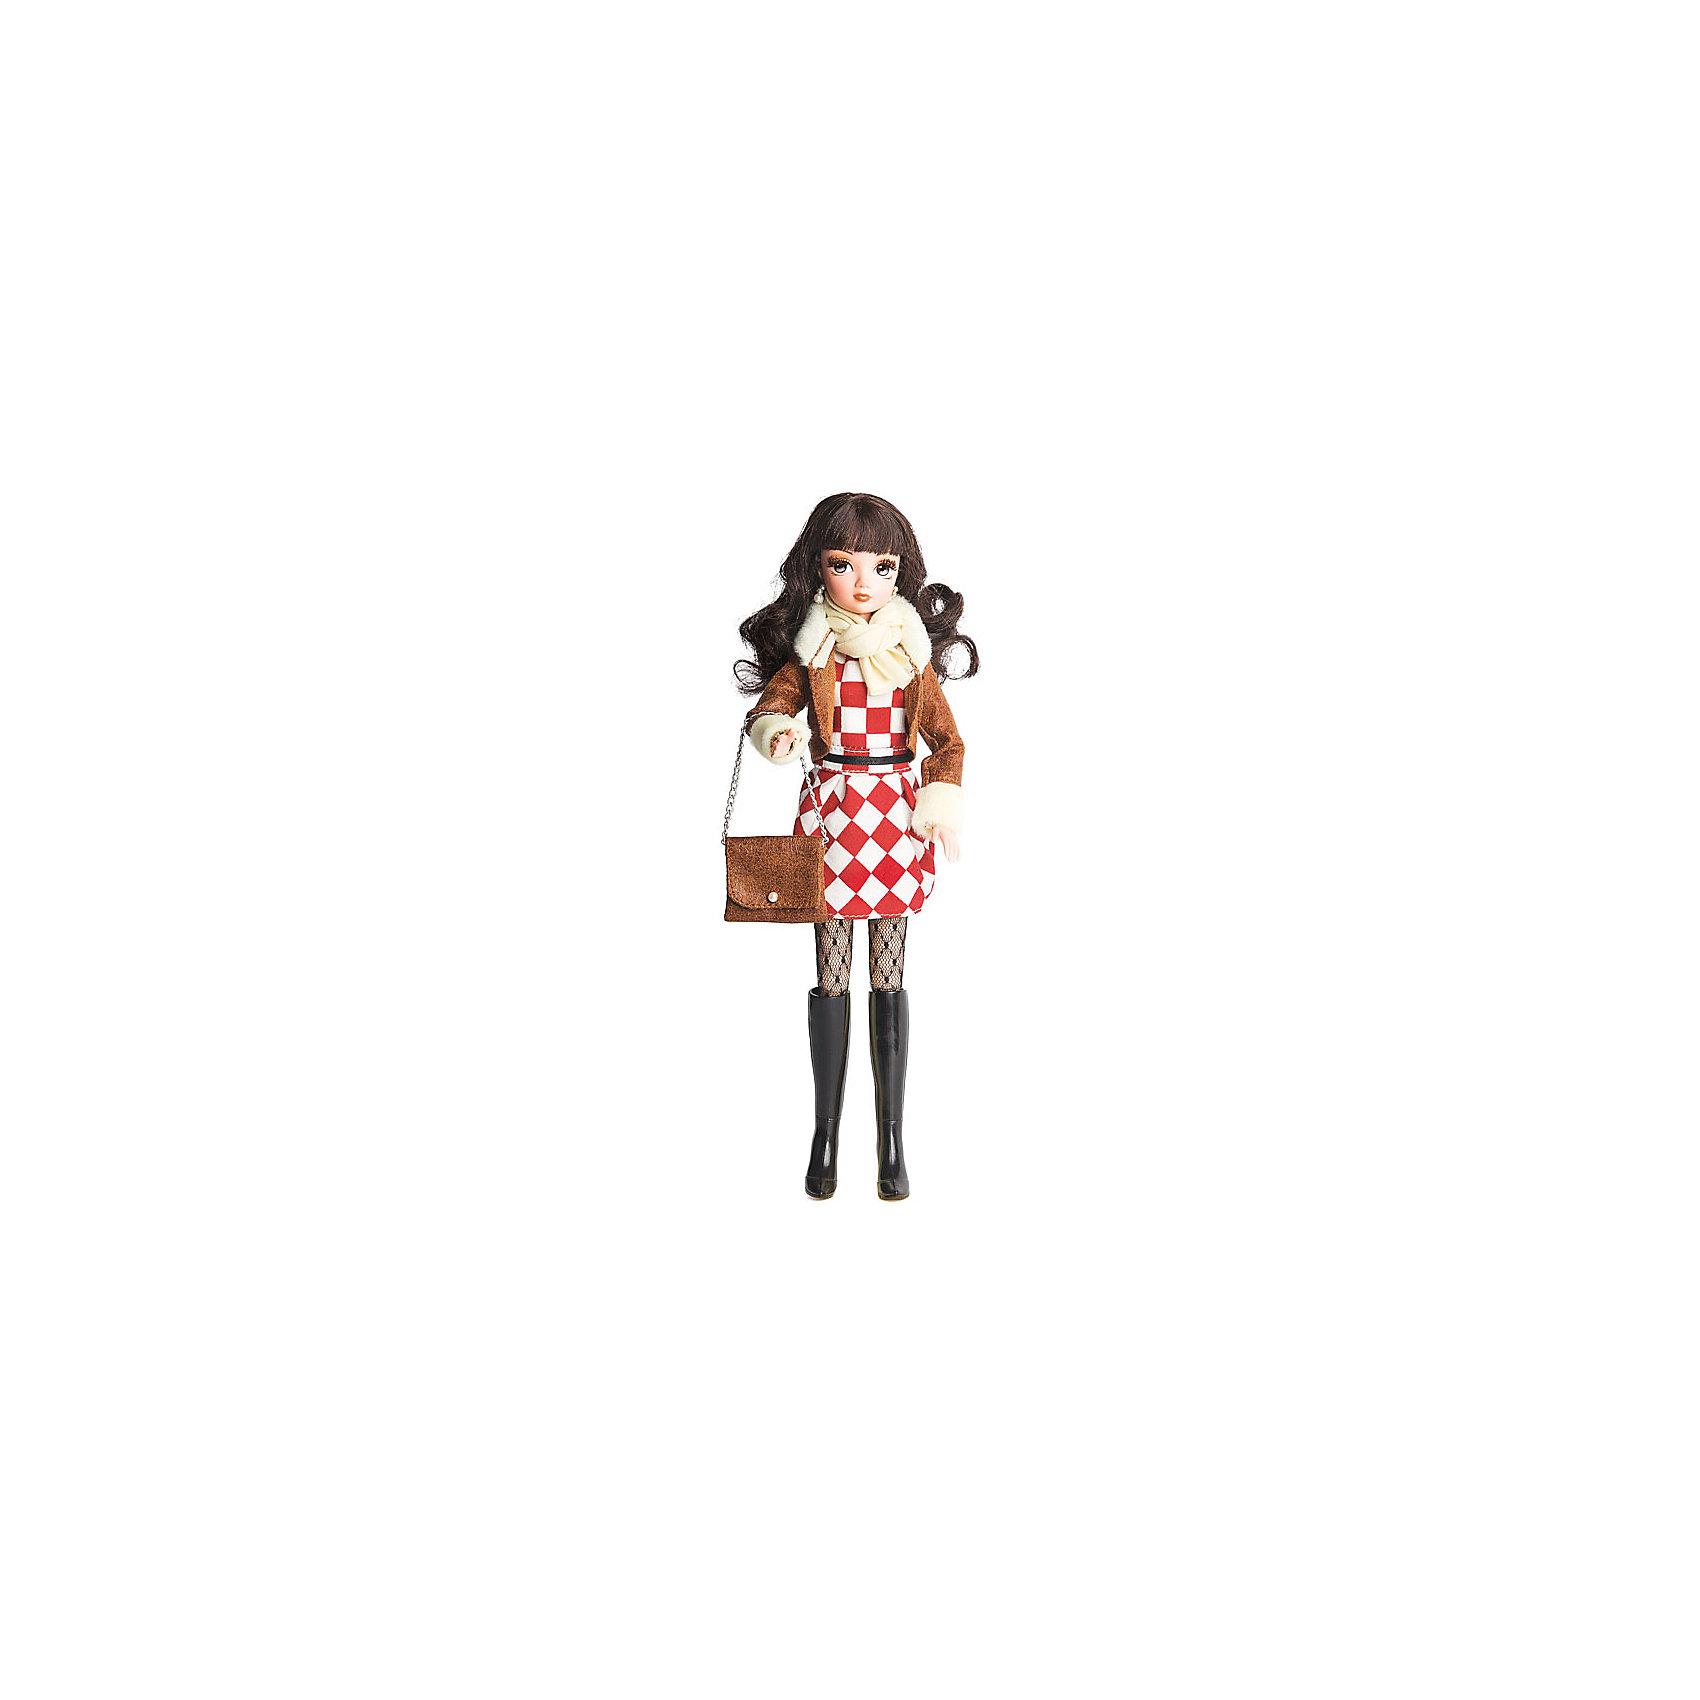 Кукла в кожаной куртке, серия Daily collection, Sonya RoseХарактеристики товара:<br><br>- цвет: разноцветный;<br>- материал: пластик, текстиль;<br>- особенности: подвижные руки и ноги, голова;<br>- размер упаковки: 17х34х7 см;<br>- комплектация: кукла, одежда, аксессуары;<br>- размер куклы: 27 см.<br><br>Такие красивые куклы не оставят ребенка равнодушным! Какая девочка откажется поиграть с куклой в стильном наряде?! Игрушка хорошо детализирована, очень качественно выполнена, поэтому она станет отличным подарком ребенку. В наборе идут одежда и аксессуары, которые можно снять!<br>При играх с куклами у детей активизируется мышление, воображение, развиваются творческие способности, нарабатываются варианты социального взаимодействия, дети учатся заботиться о других. Изделие произведено из высококачественного материала, безопасного для детей.<br><br>Куклу в кожаной куртке, серия Daily collection, от бренда Sonya Rose можно купить в нашем интернет-магазине.<br><br>Ширина мм: 170<br>Глубина мм: 340<br>Высота мм: 70<br>Вес г: 345<br>Возраст от месяцев: 36<br>Возраст до месяцев: 2147483647<br>Пол: Женский<br>Возраст: Детский<br>SKU: 5079162